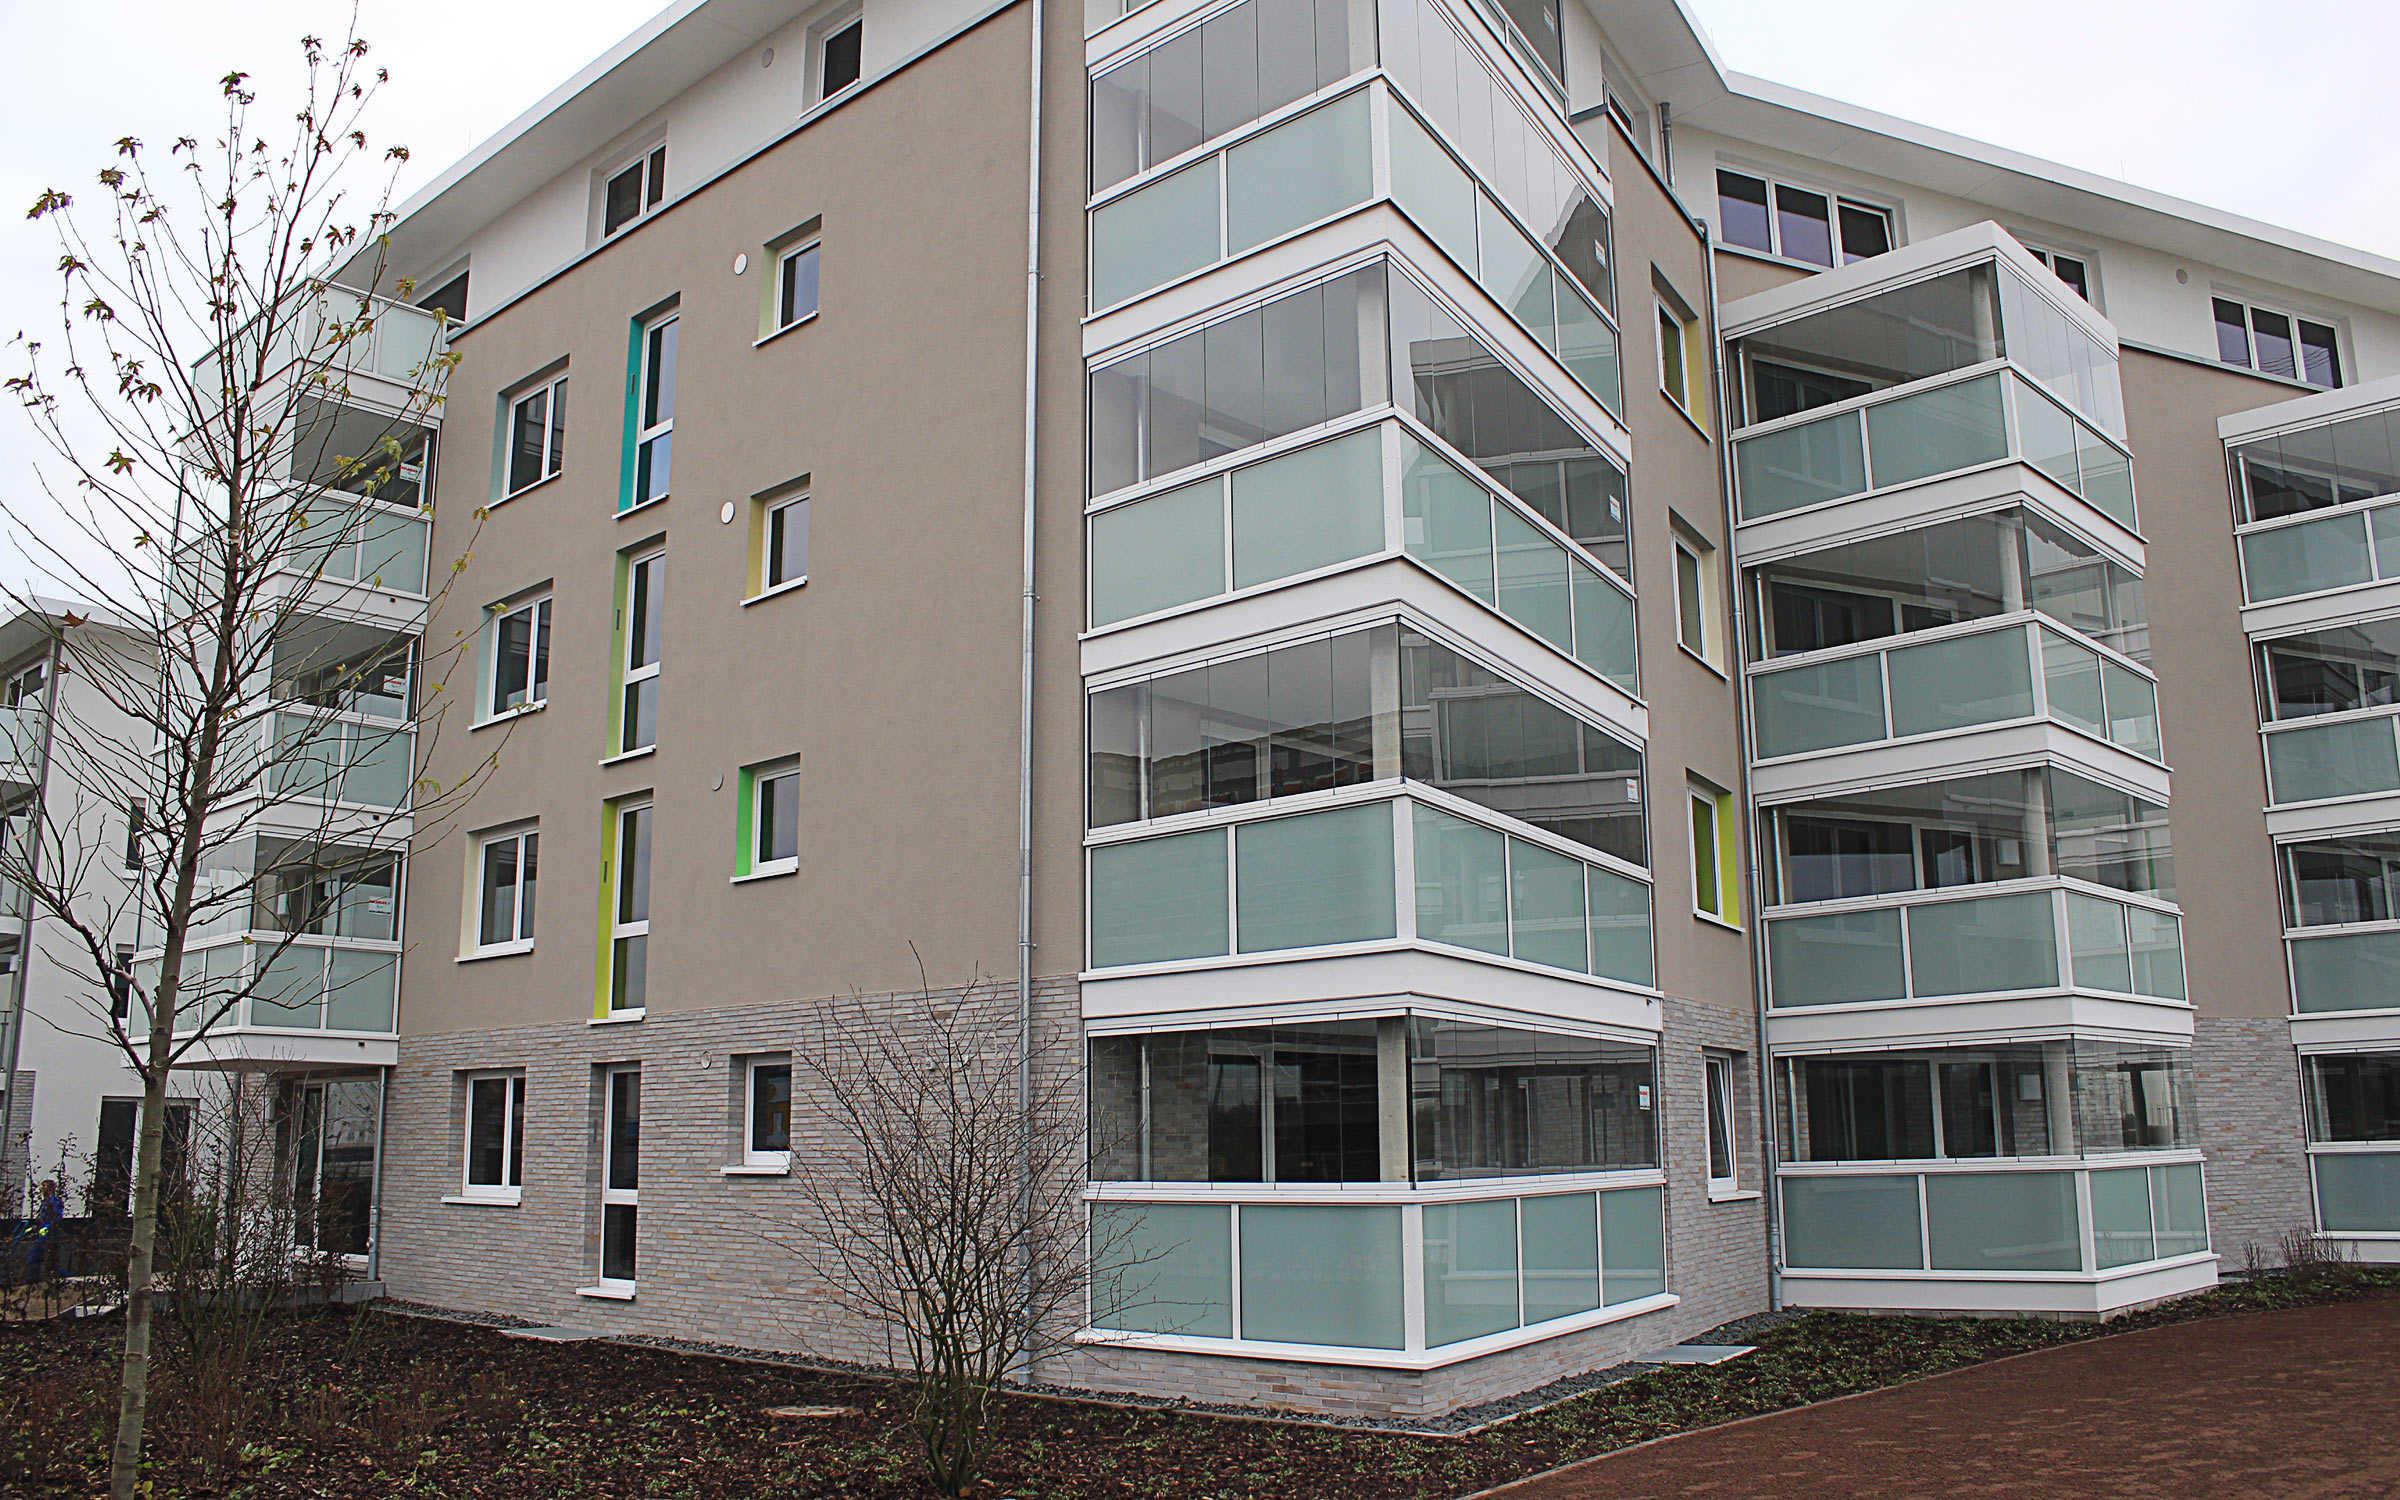 Projekt LADY DI'S LOVE AFFAIR, Frankfurt a. M. Riedberg Westflügel